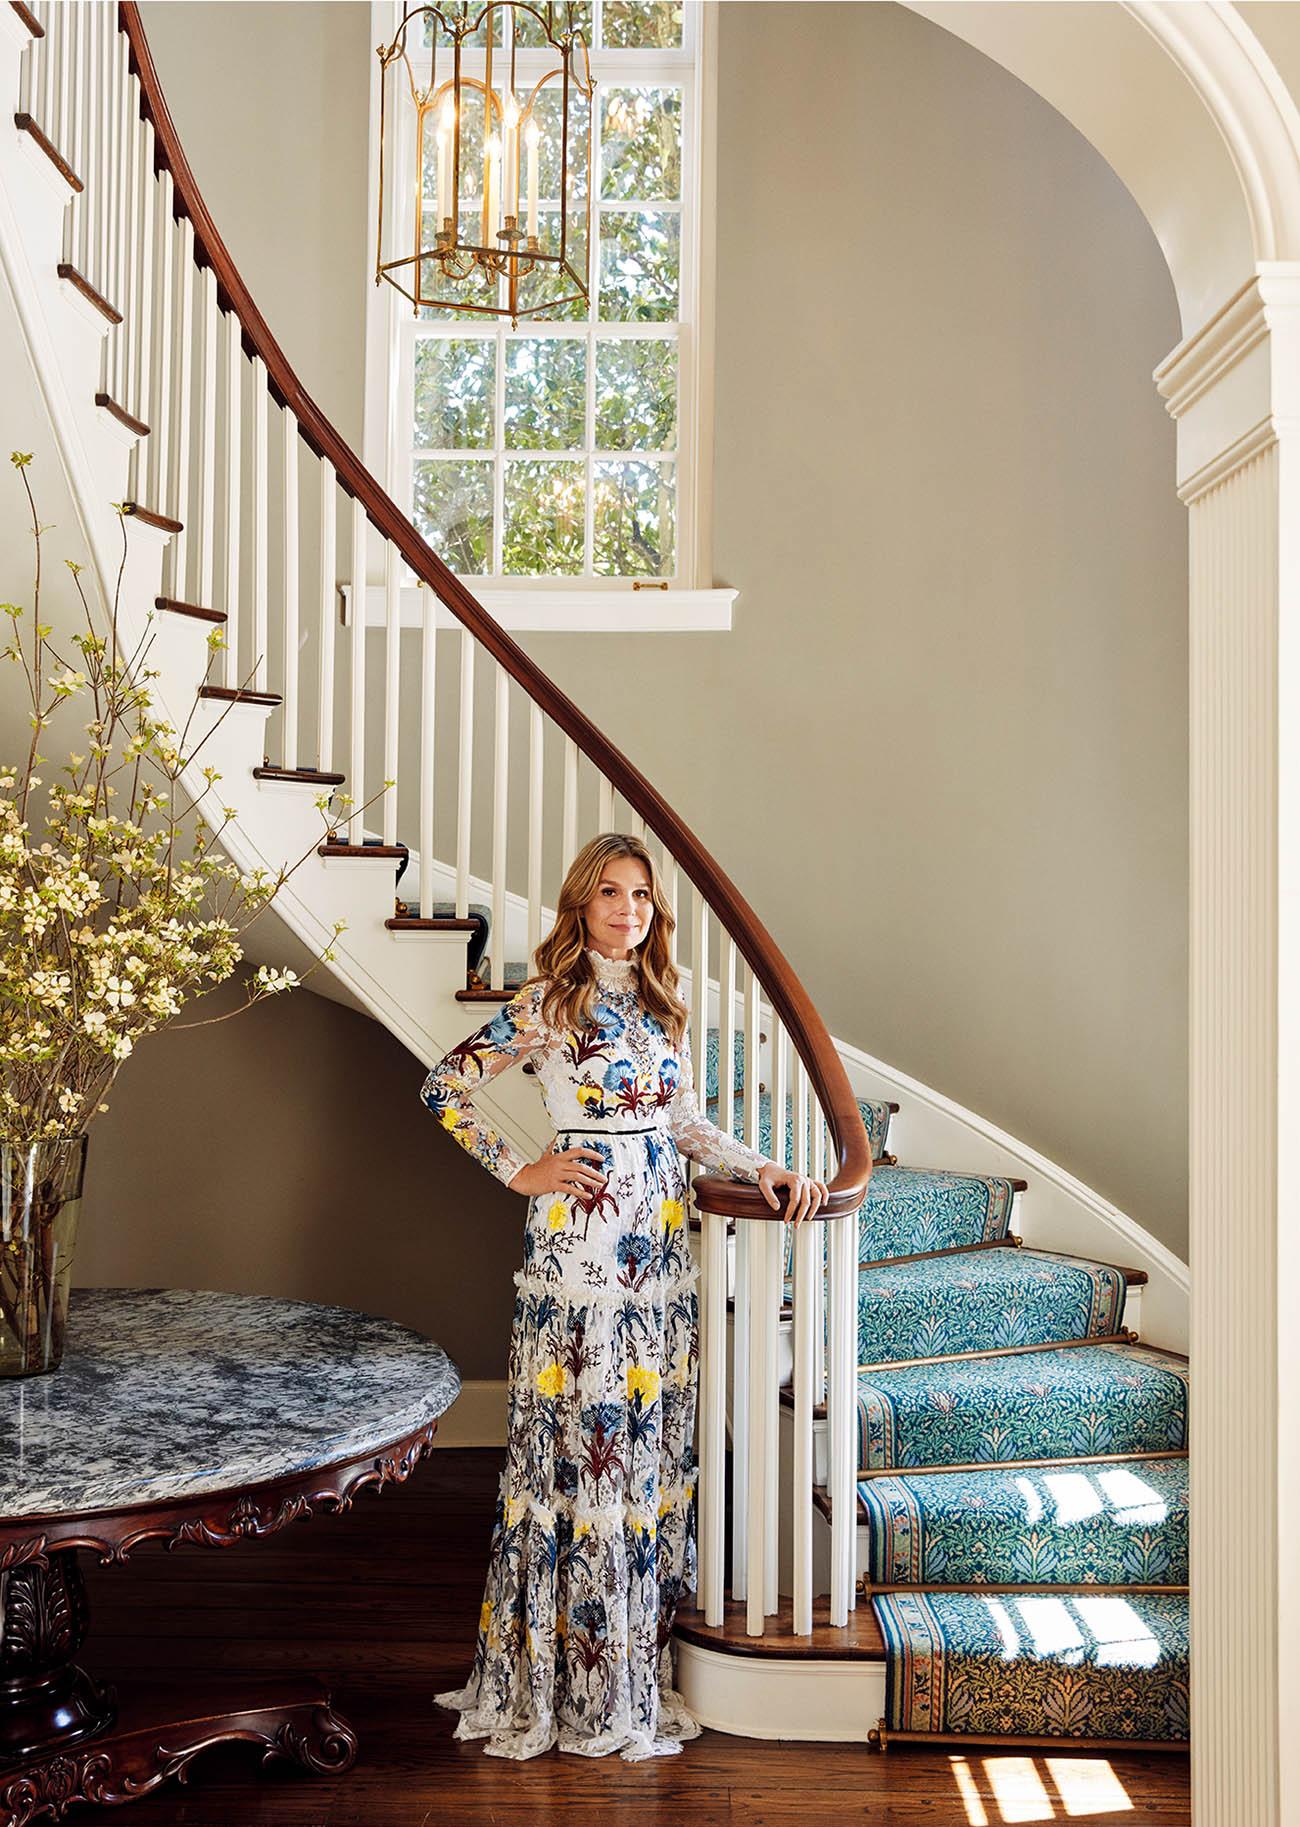 웅장한 내선형 계단 앞에선 에어린 로더. 드레스는 약 $12907로 <strong>Erdem</strong> 제품.